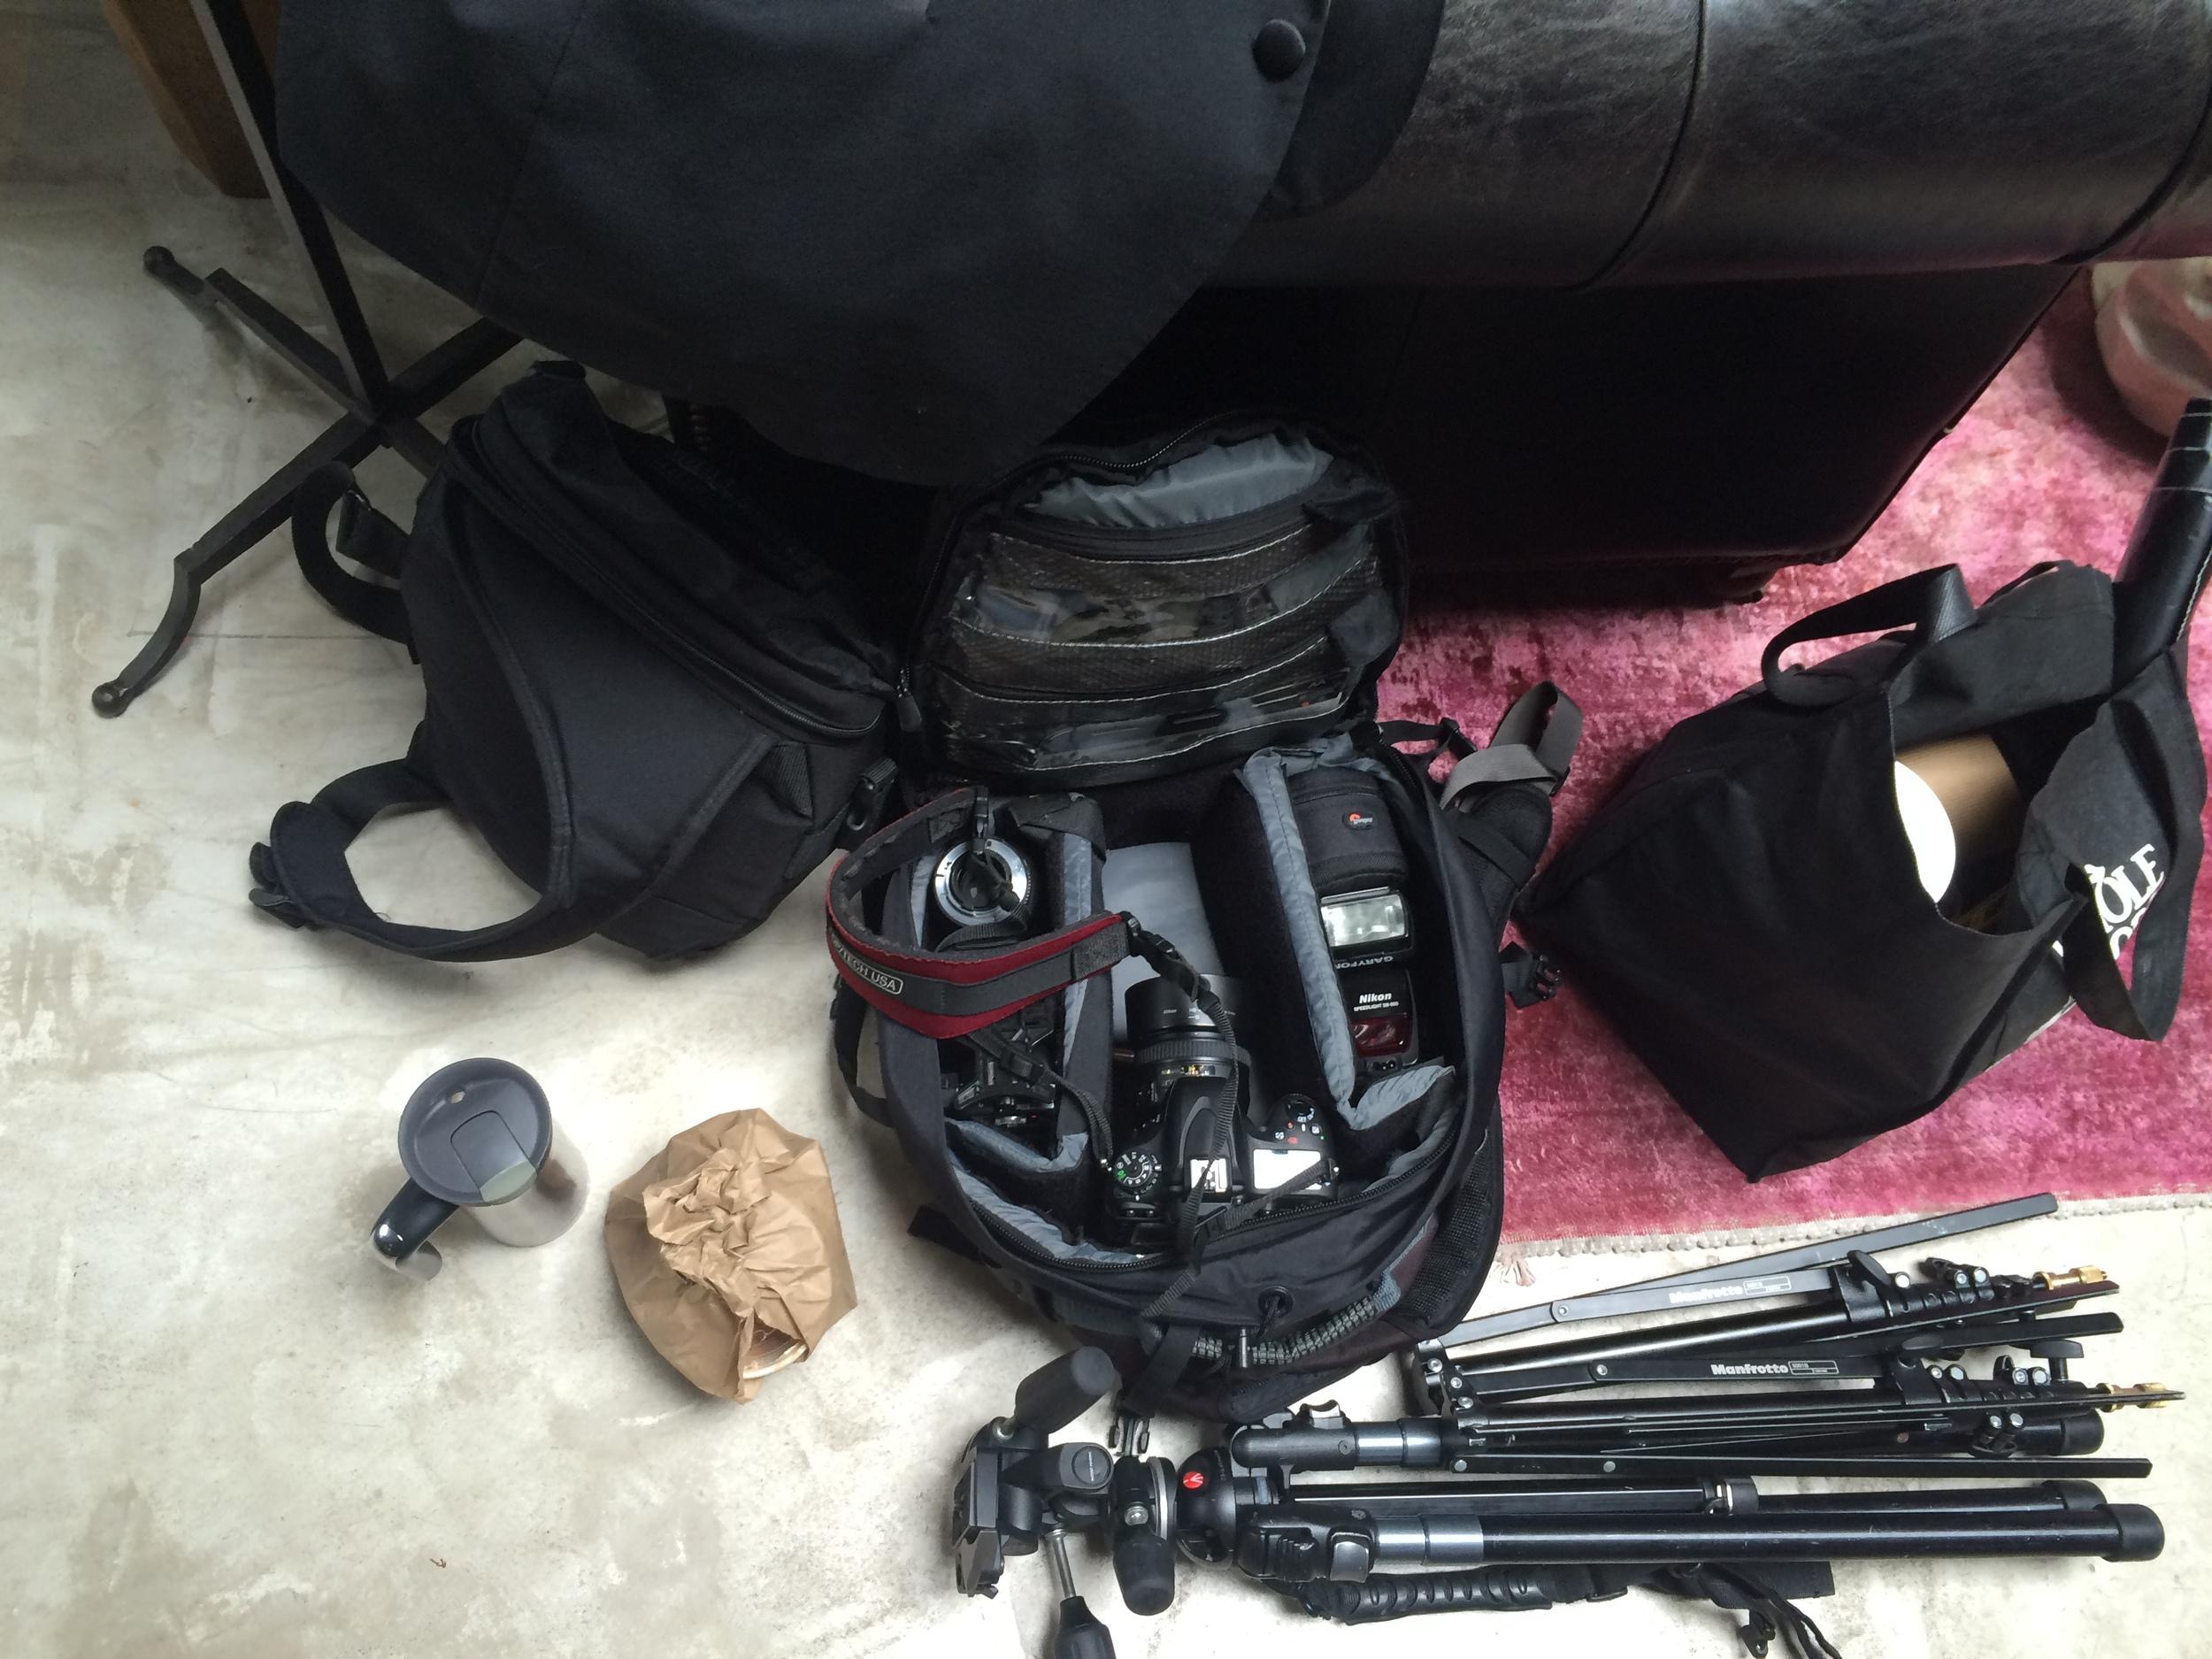 Shane Izykowski's  photo equipment + the necessary coffee